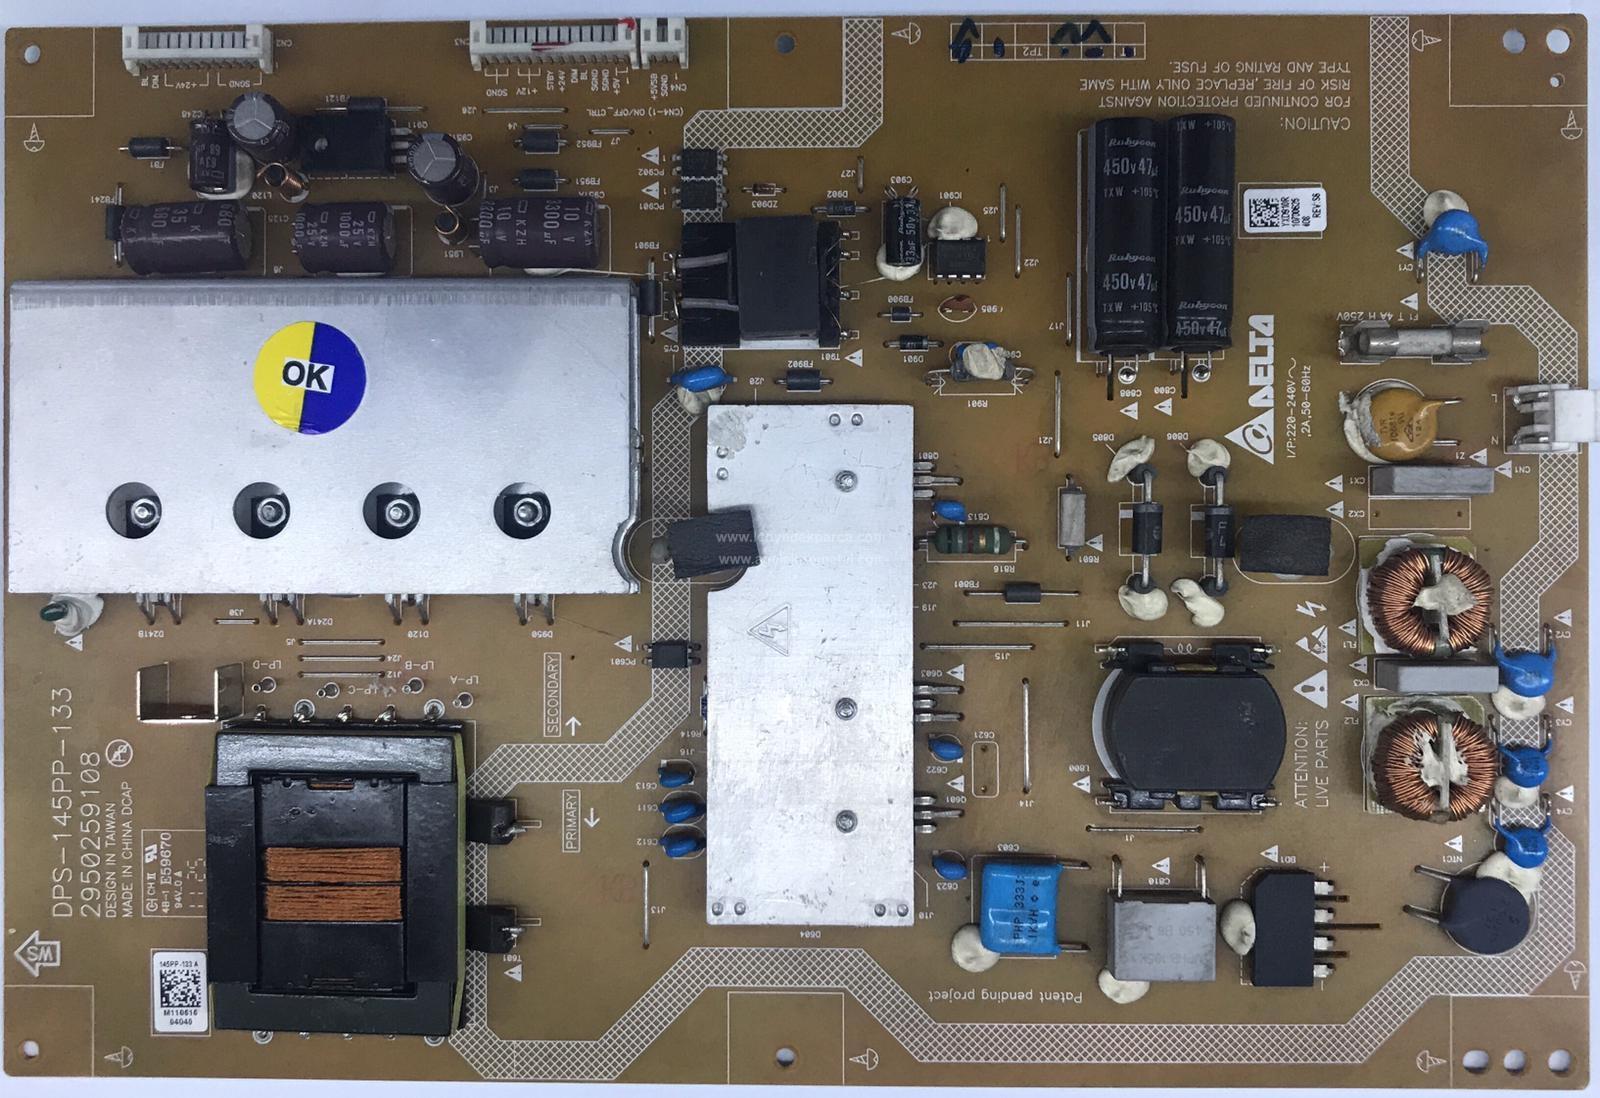 DPS-145PP-133 , 2950259108 , YXD910R , ARÇELİK , LTA320AN01 , F82-210 , Power Board , Besleme Kartı , PSU